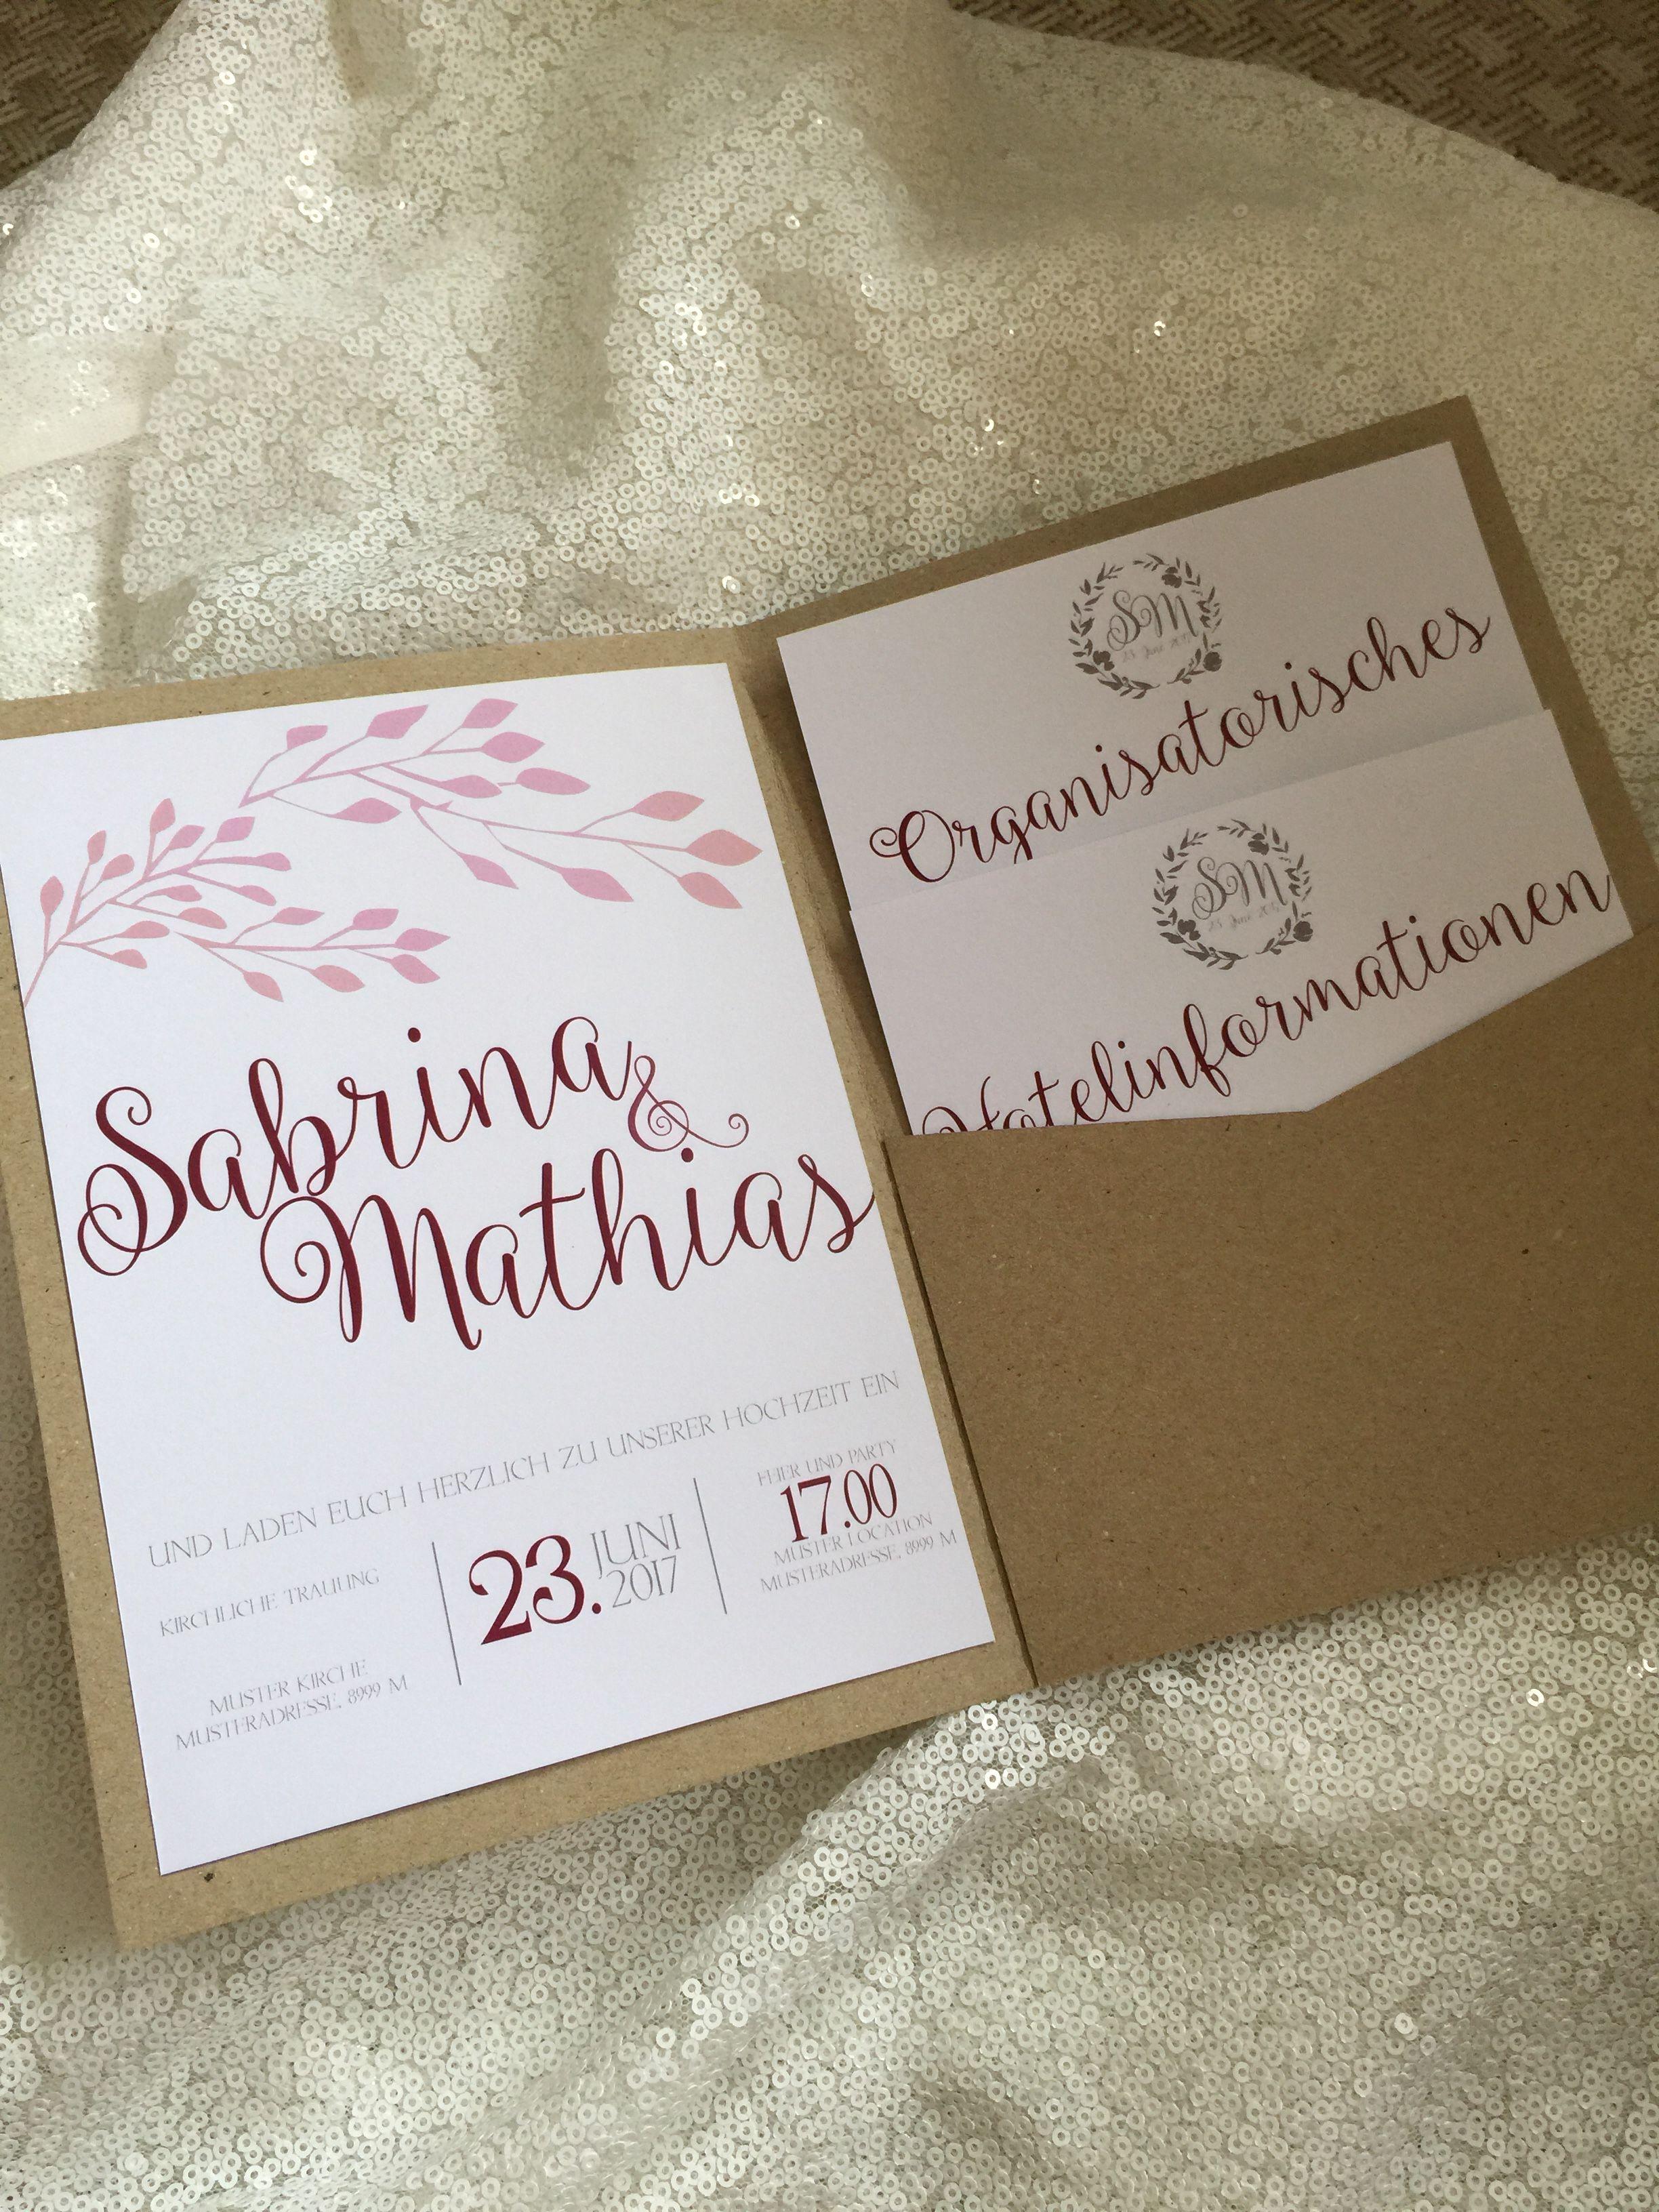 Einladungskarten Fur Hochzeit Im Pocket Fold Format Mit Kraft Papier Im Vintage Look Hochzeitseinladung Einladung Hochzeit Vintage Einladungen